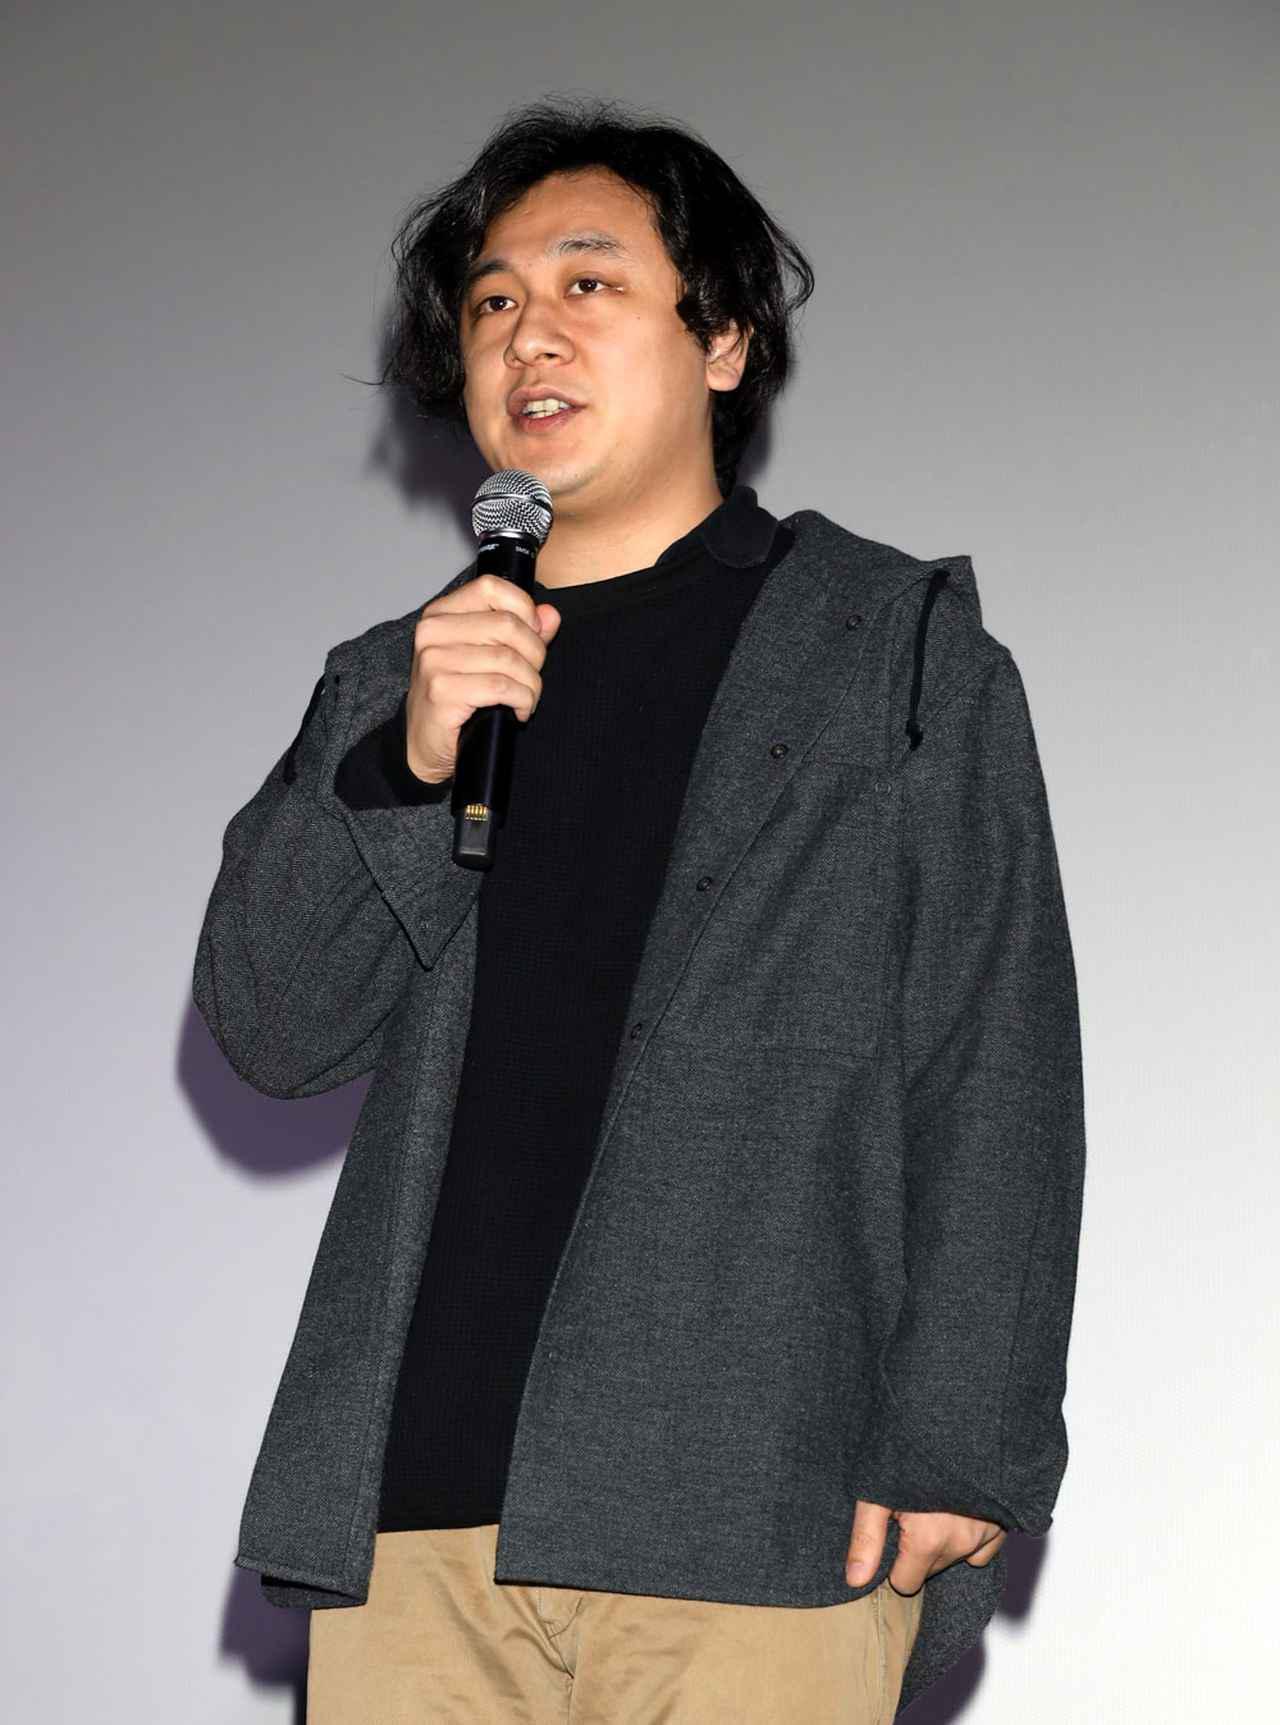 画像1: 仲野太賀&衛藤美彩 ダブル主演の注目作『静かな雨』待望の公開。初の主演作公開に衛藤は「映画の魅力にどっぷりと浸かりました」